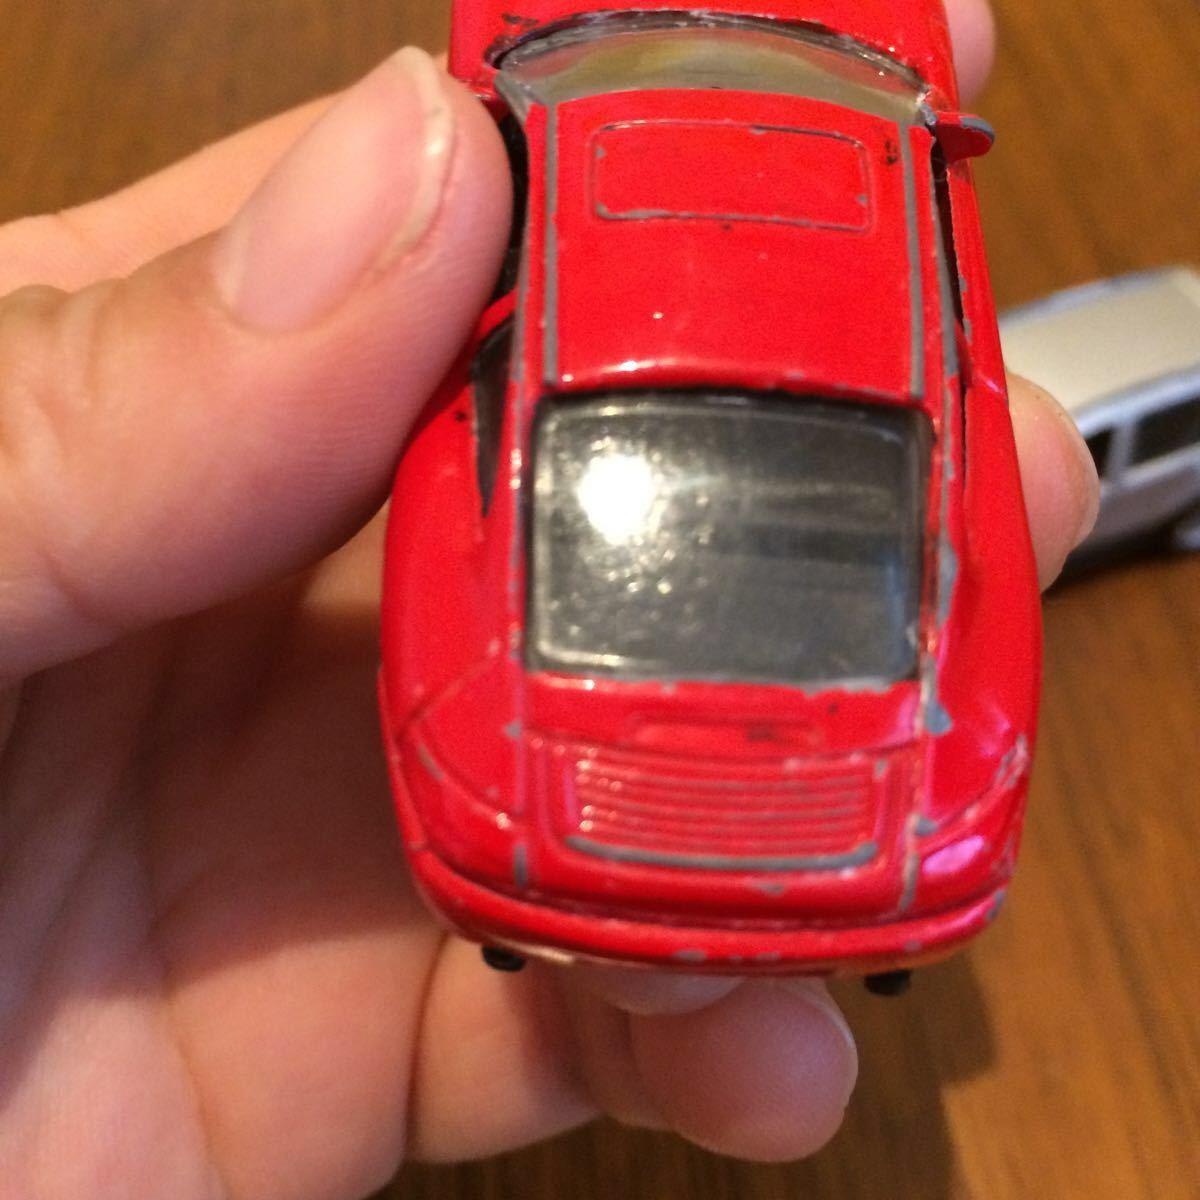 WELLY 2台 ポルシェ BMW とメーカー不明ポルシェ合計3台 ミニカー 中古_画像6